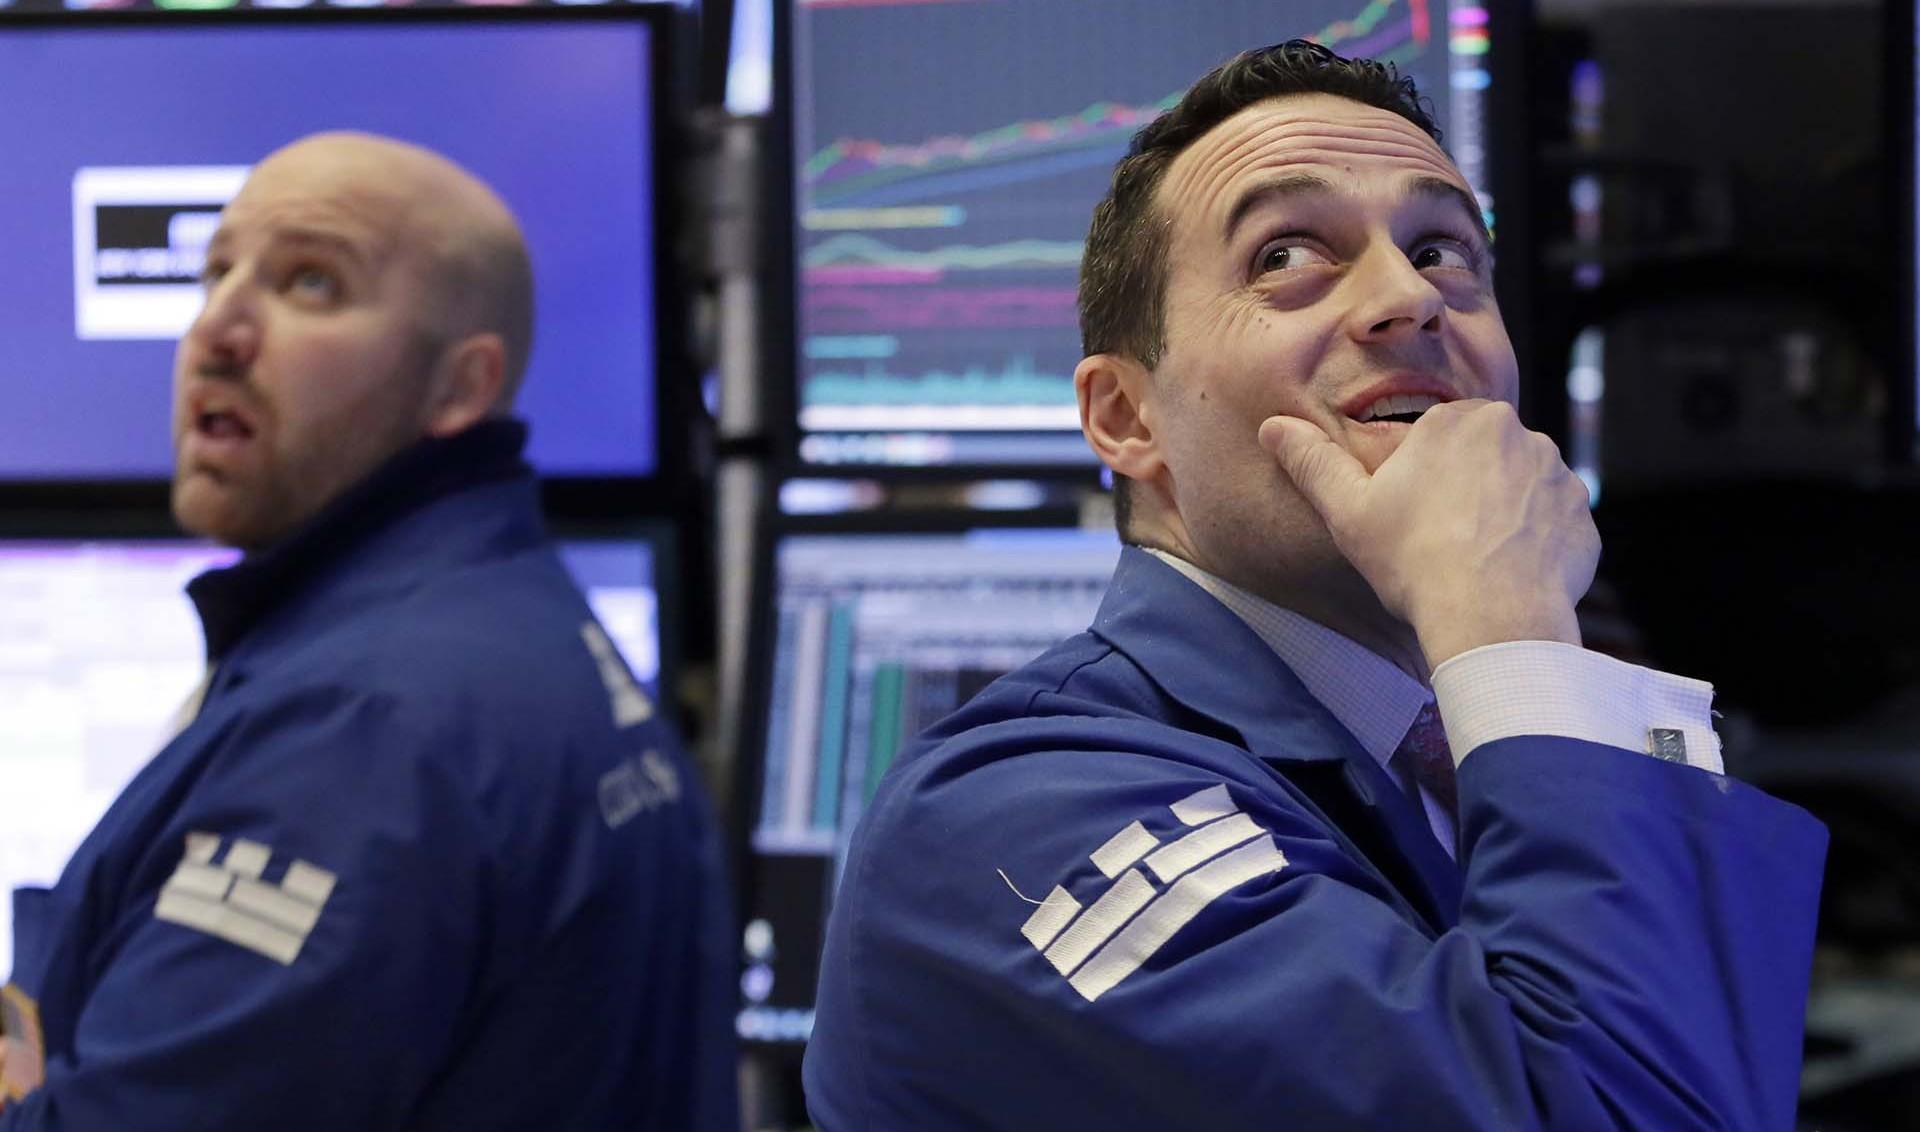 En Wall Street, los ADR's argentinos tuvieron mayoría de alzas. (AP)